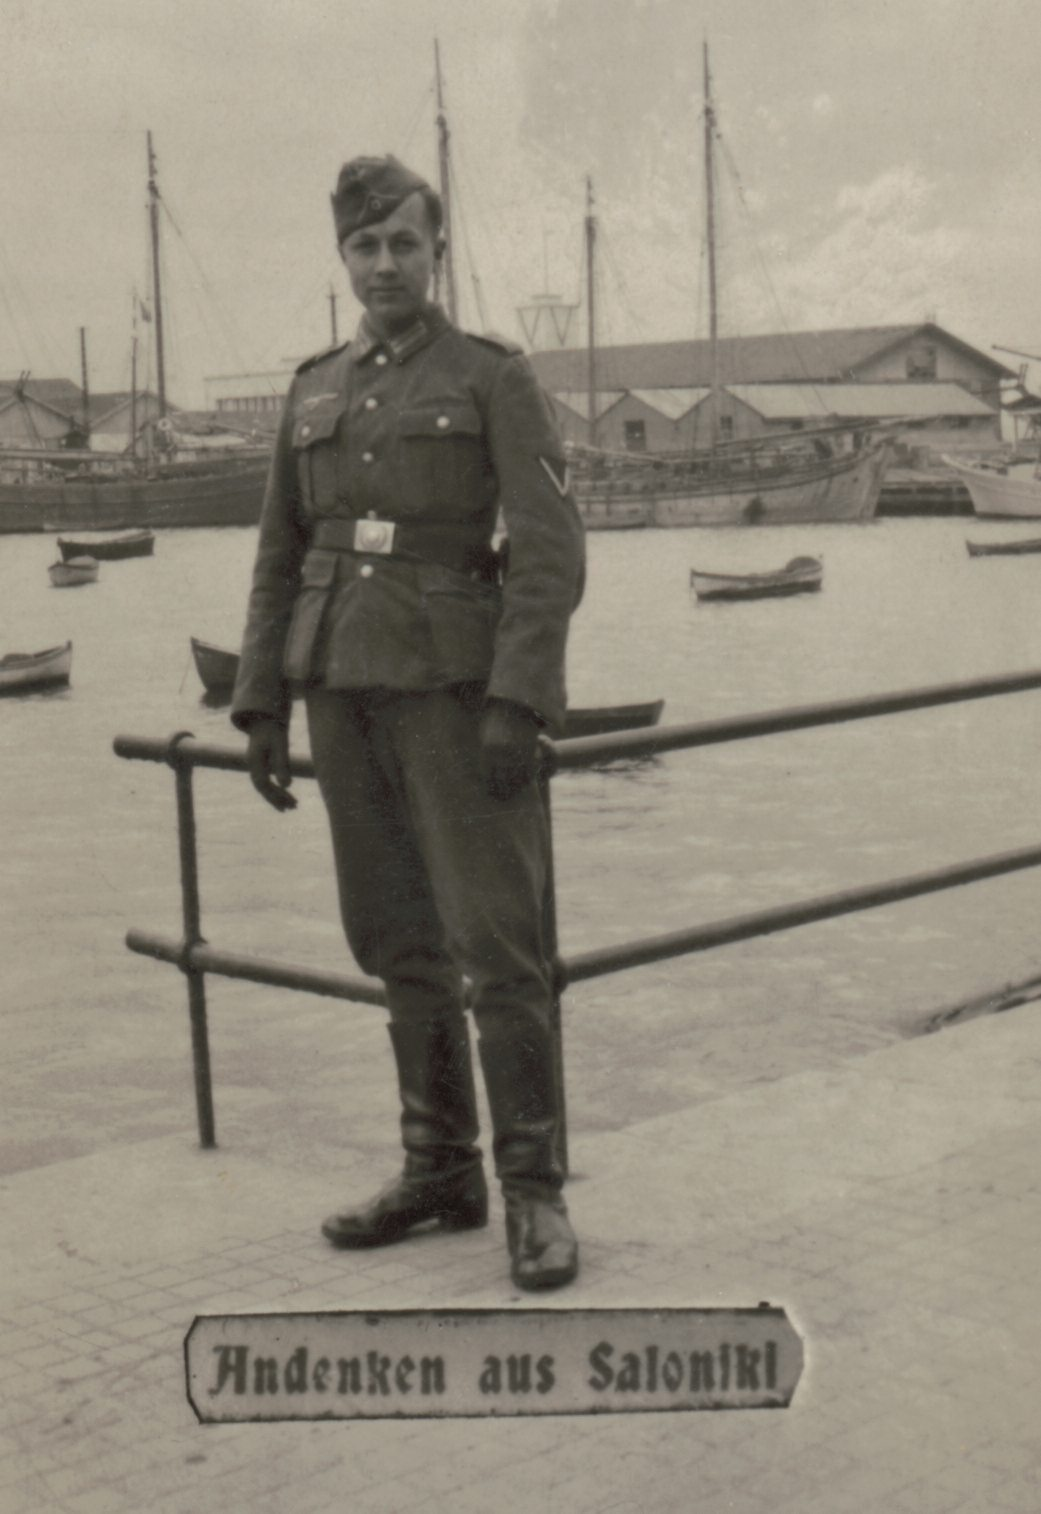 «Ενθύμιο από τη Θεσσαλονίκη». Ο γερμανός στρατιώτης ποζάρει με φόντο το λιμάνι, αιχμαλωτίζοντας μια ανάμνηση από τη θητεία του στην Ελλάδα